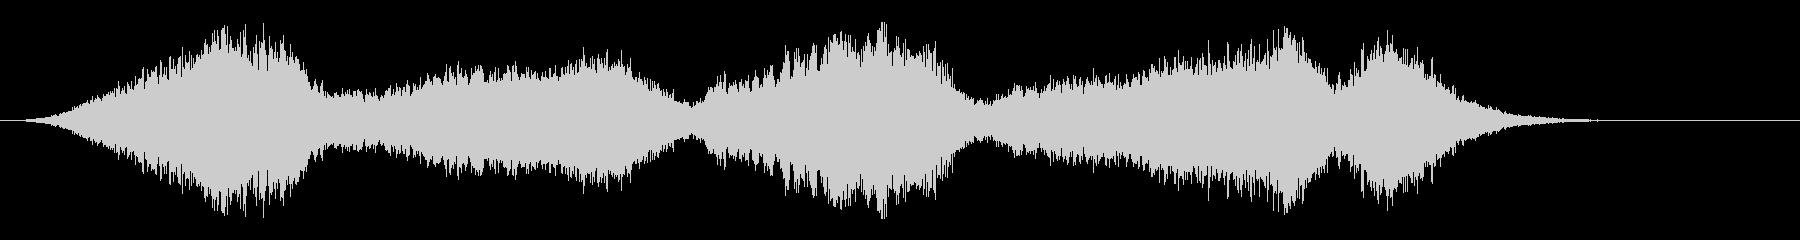 音楽:不気味なストリング、ソロバイ...の未再生の波形